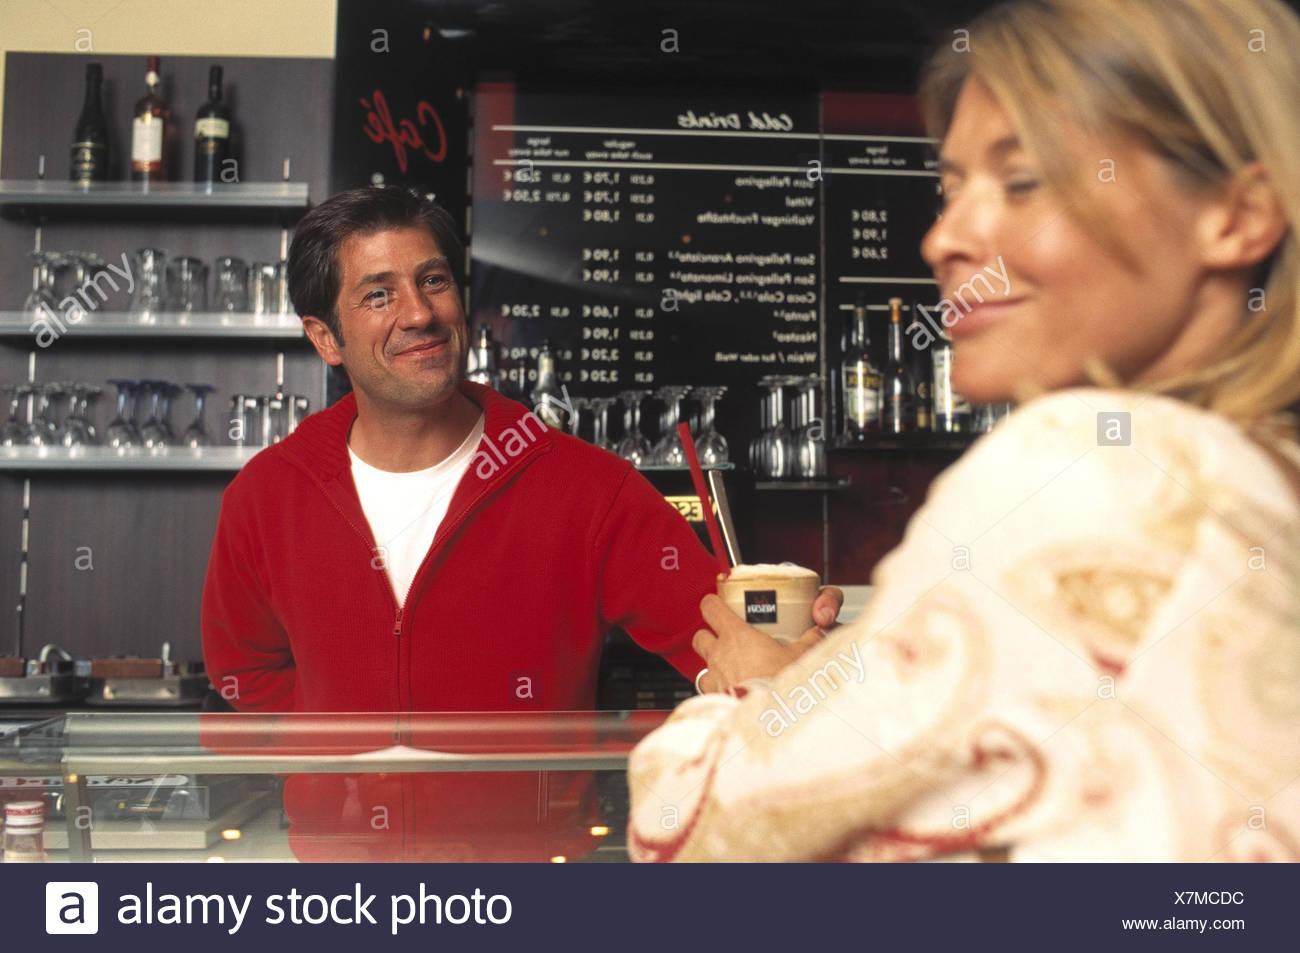 Donna, bar, contatore, Ordine cappuccino, lavoratore di ufficio, flirt, cafe, gelateria, all'interno, l'uomo, cameriere, flirt, sorriso, affetto, caduti, anticipi, fascino, ammiratore, mani, touch, scherzo, tease, scherzo, Latte Macchiato Foto Stock